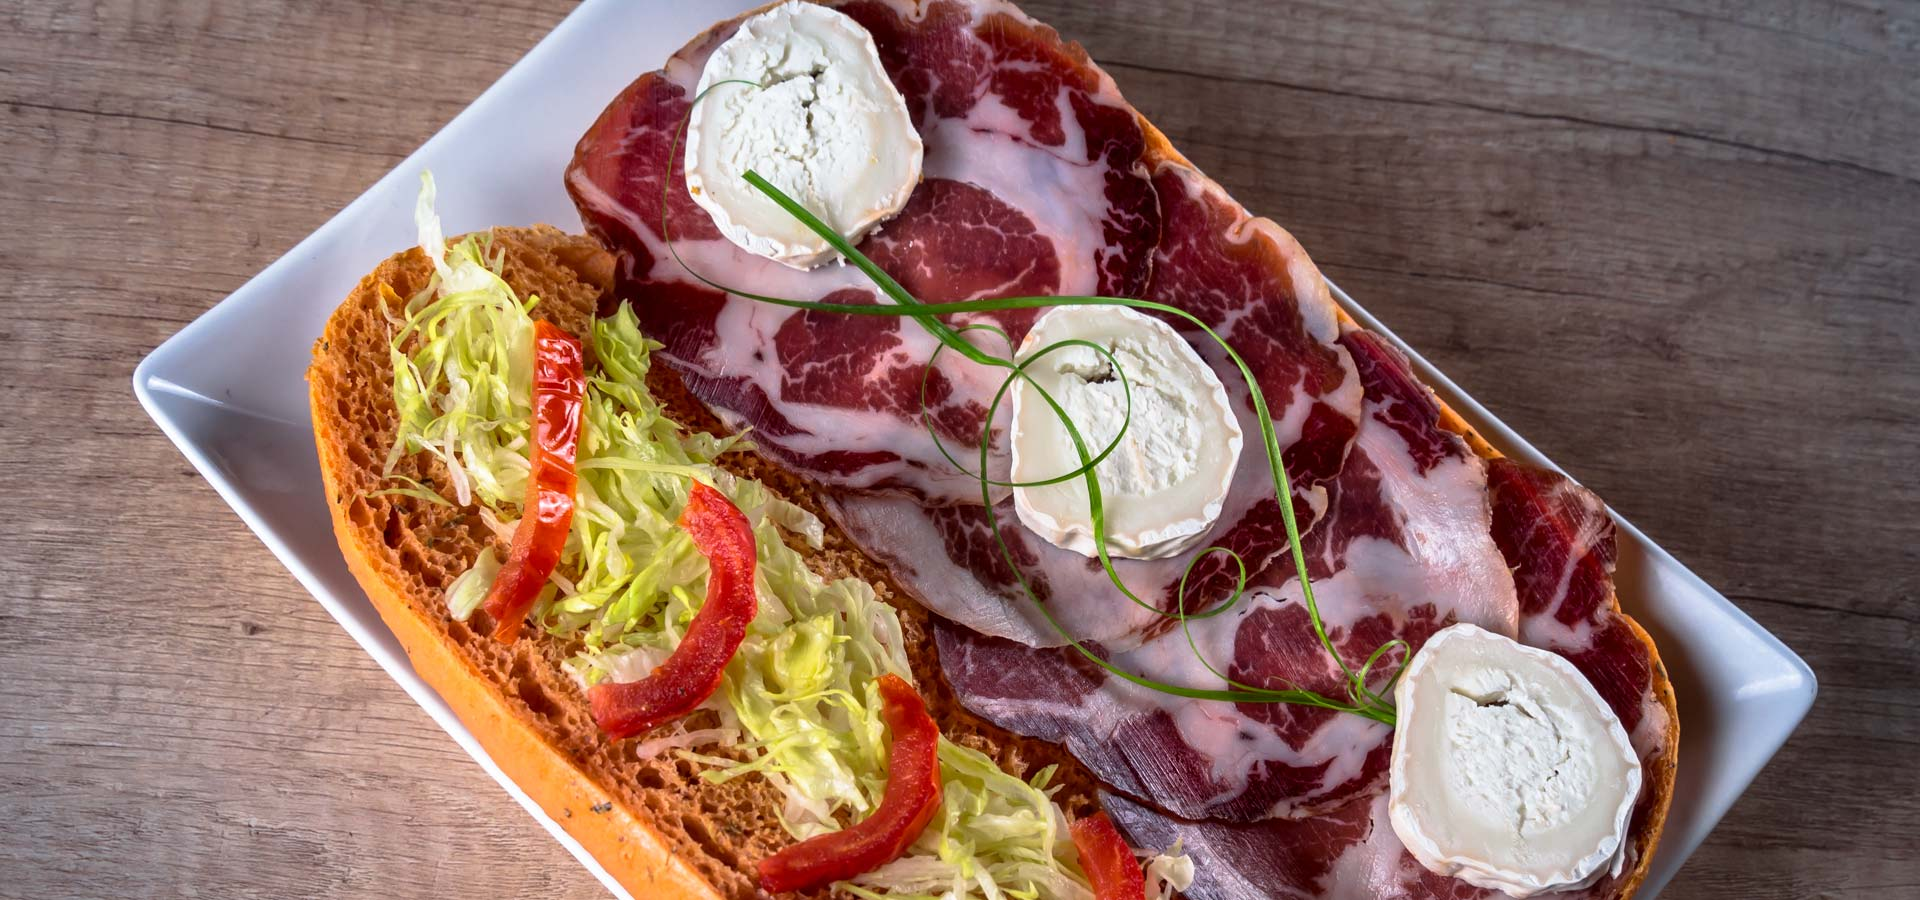 sandwicherie-place-de-bretagne-rennes